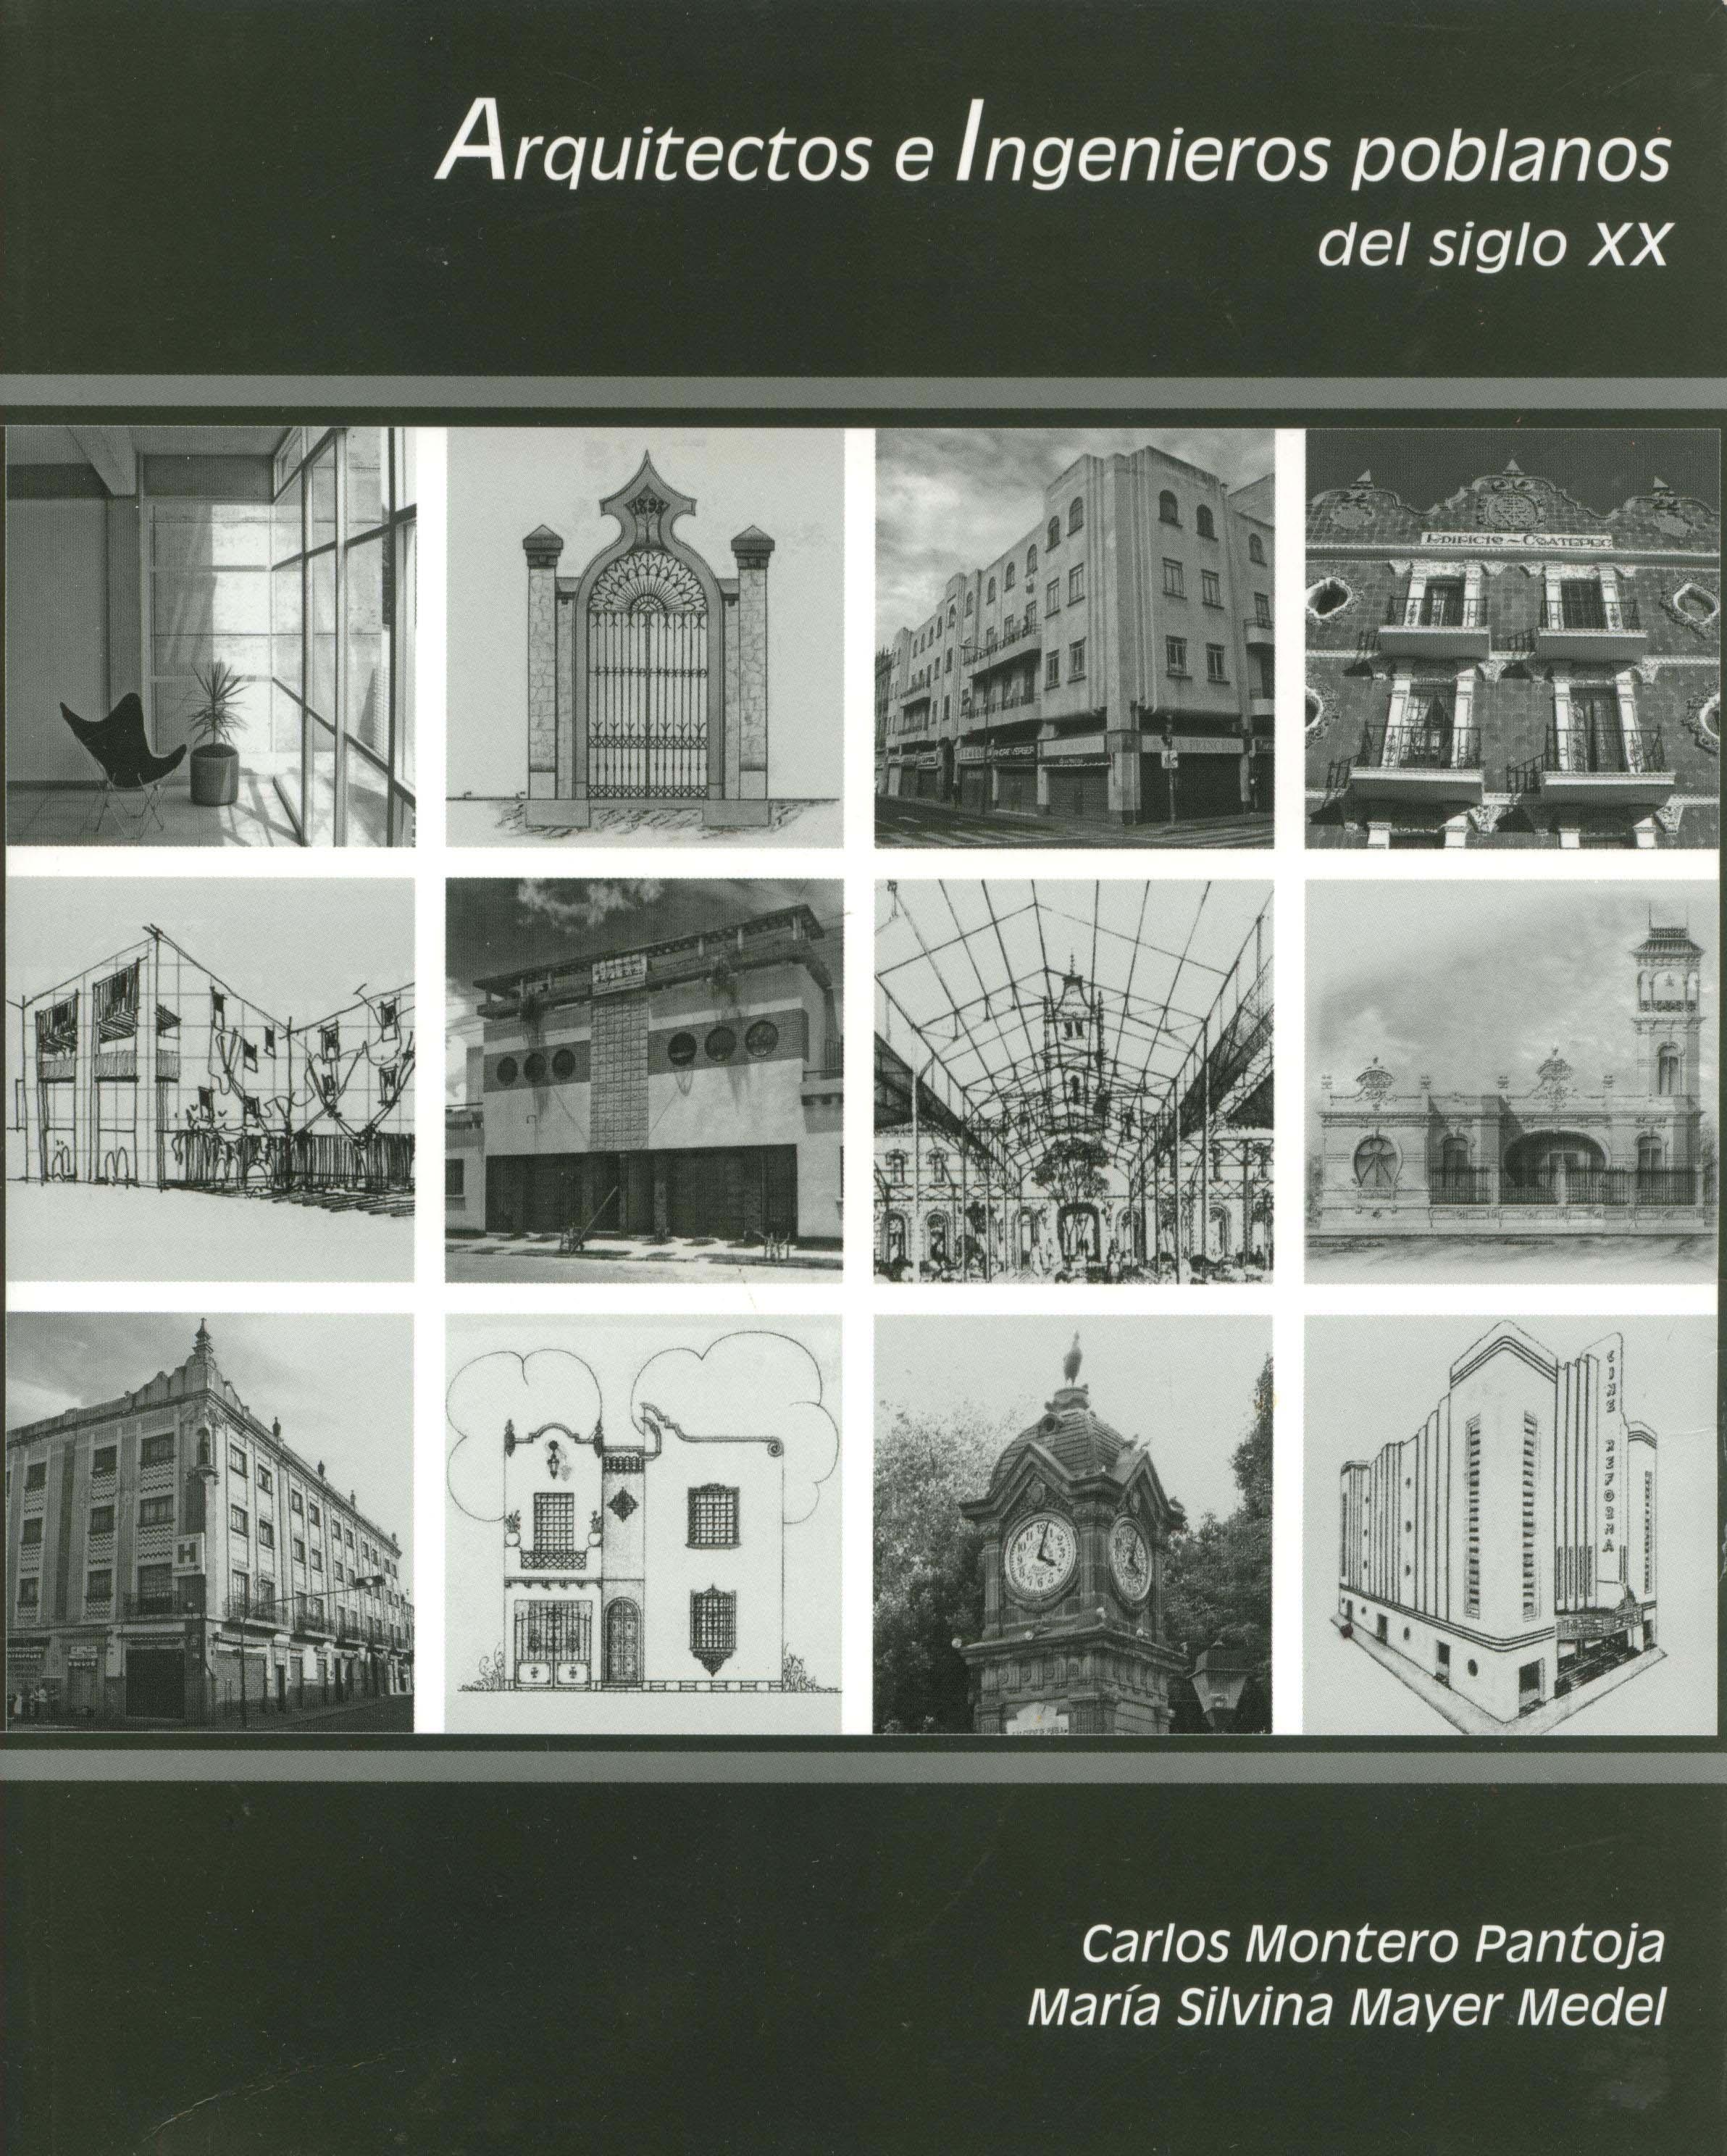 Novedades libros y revistas Arquitectura del siglo 20 wikipedia